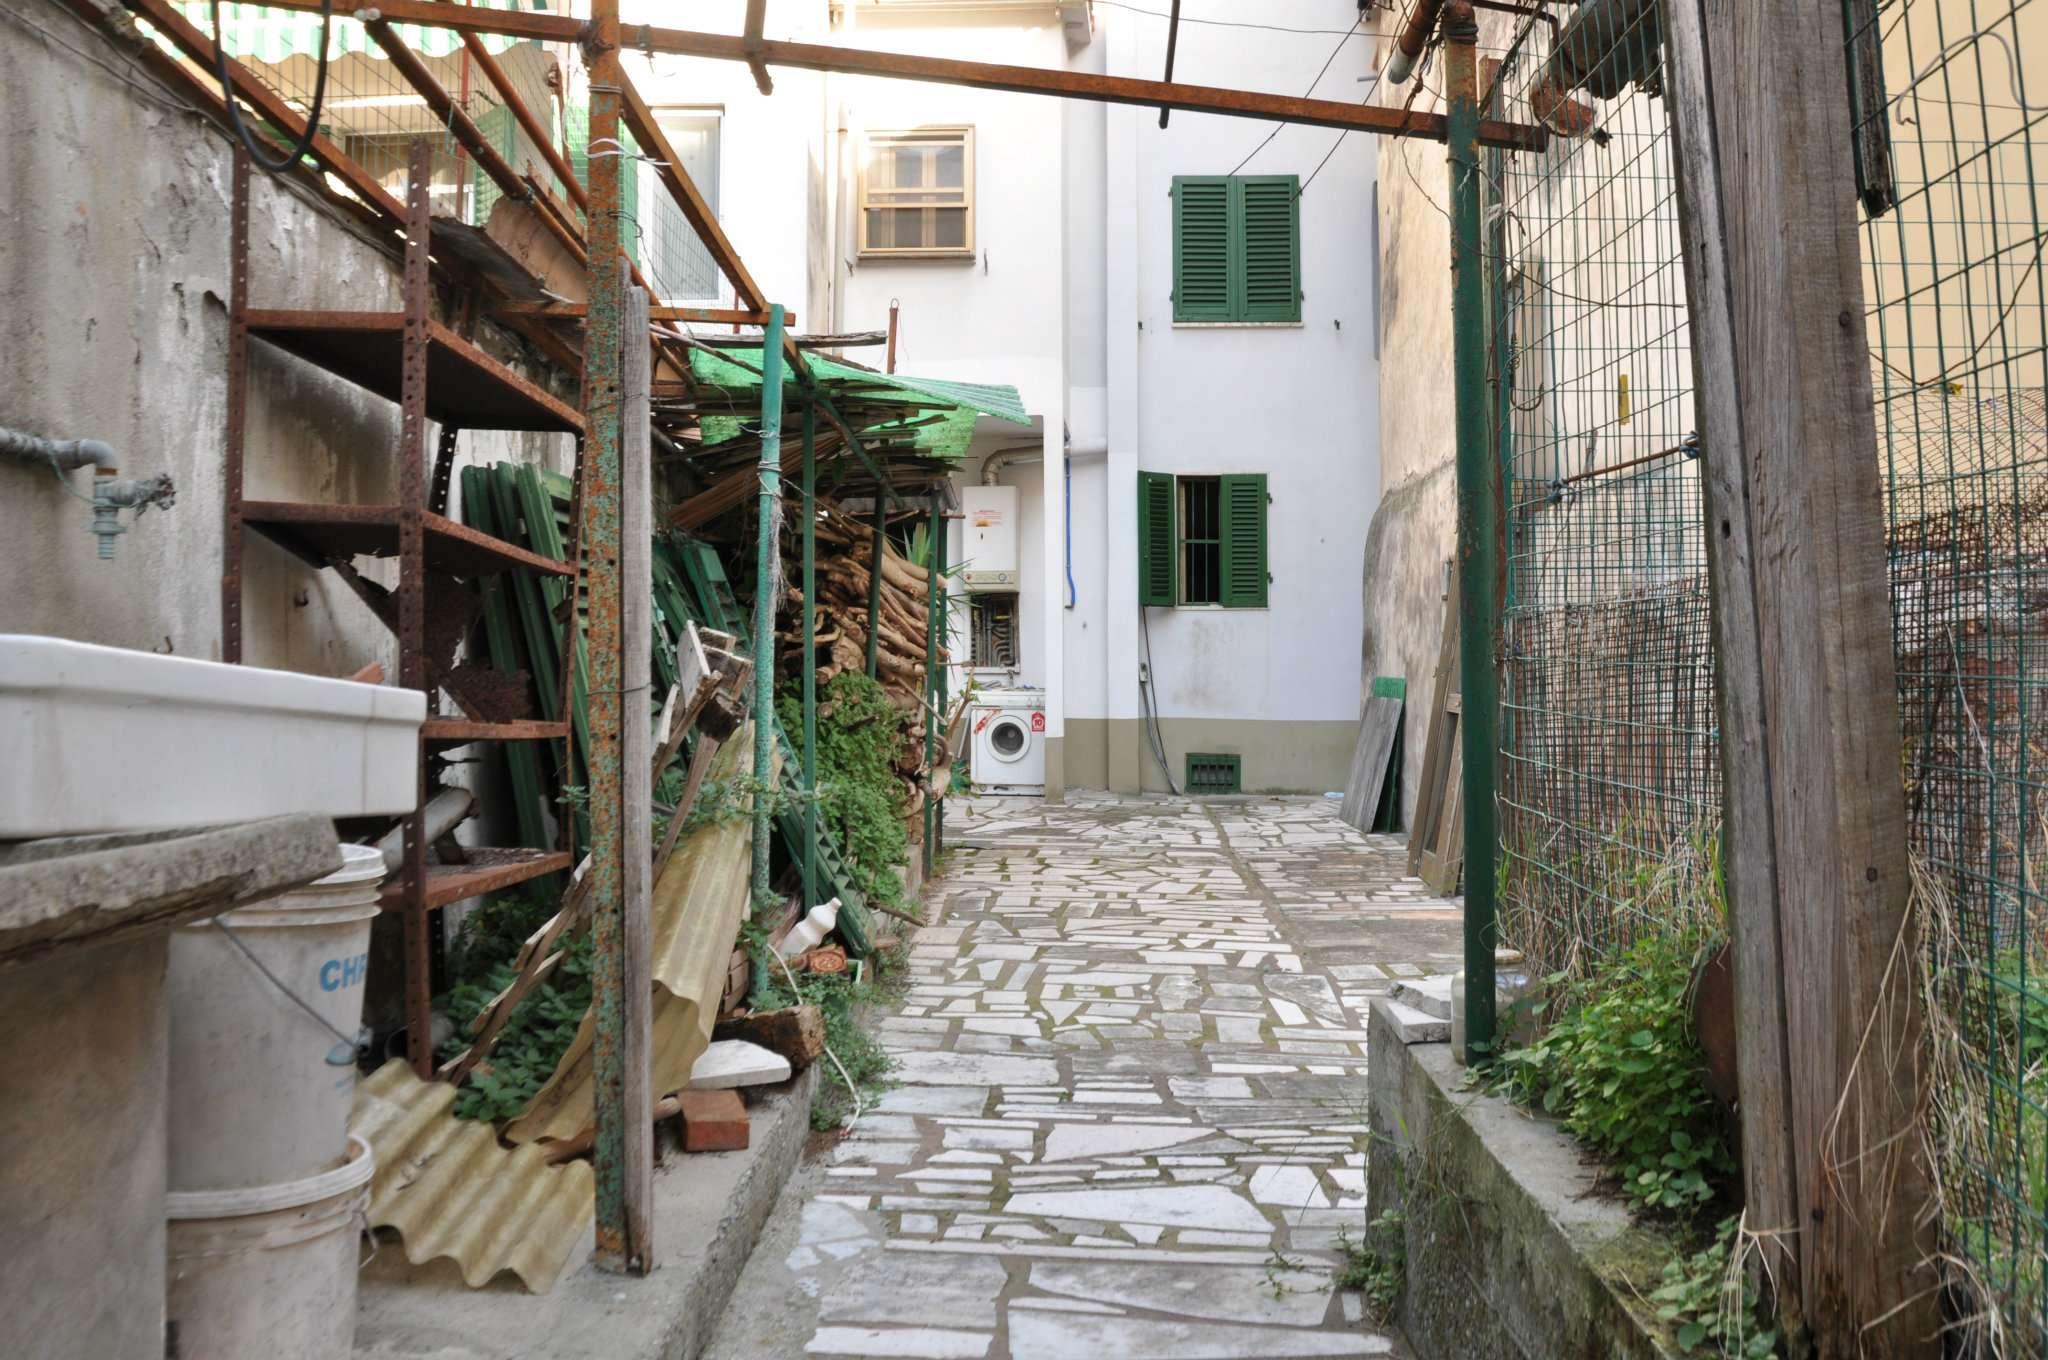 Palazzo / Stabile in vendita a Pistoia, 5 locali, prezzo € 165.000 | CambioCasa.it